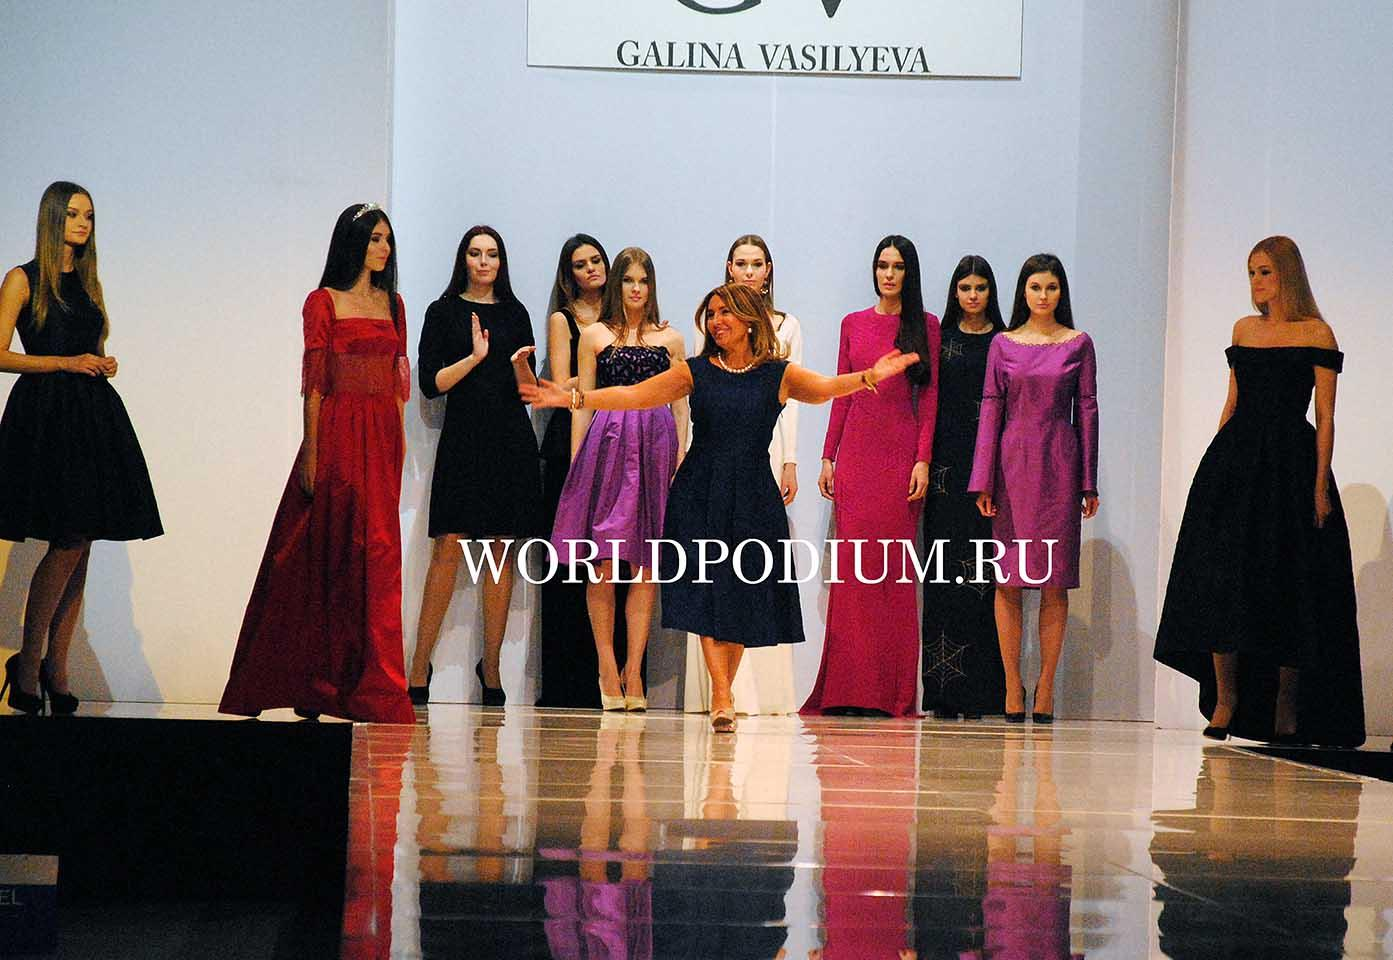 Модный дом GV Galina Vasil'eva представляет новую коллекцию «Перезагрузка» на Неделе моды в Москве